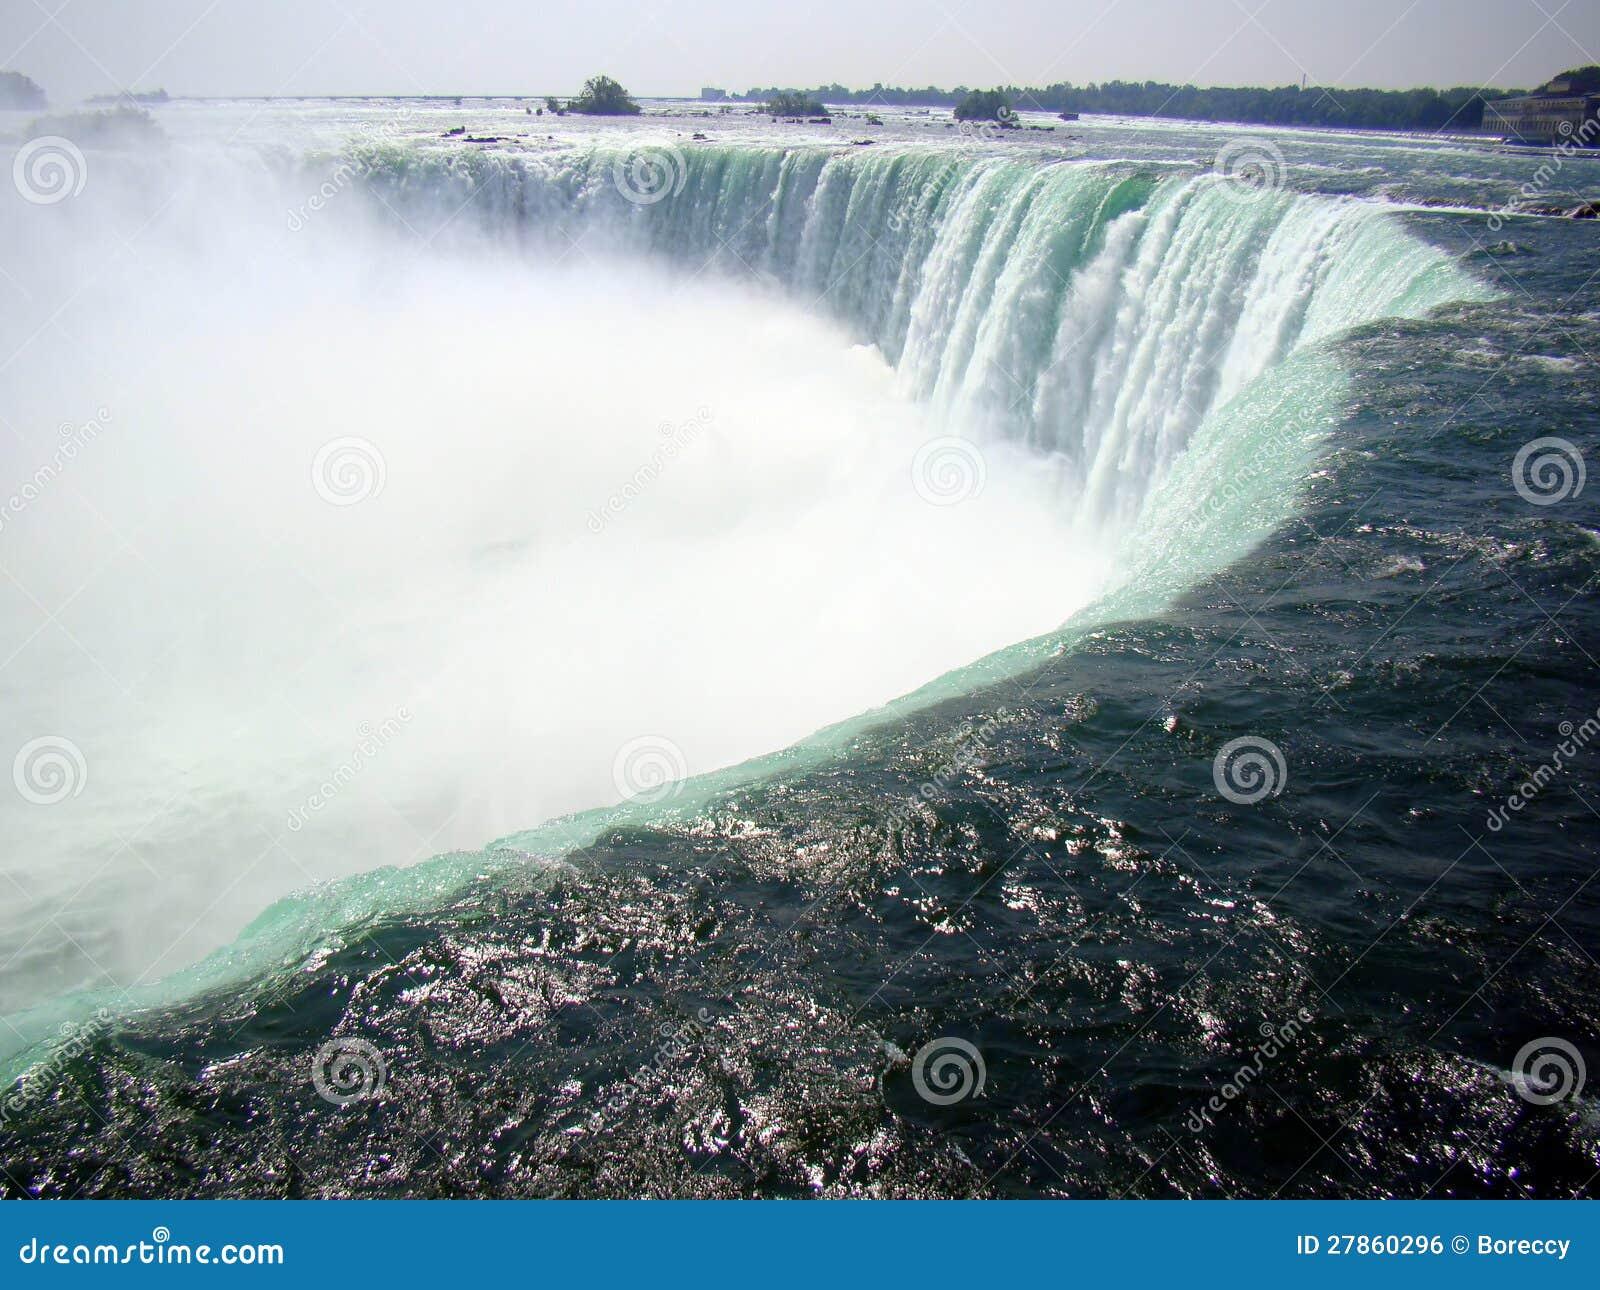 Ниагара Фаллс - край водопада